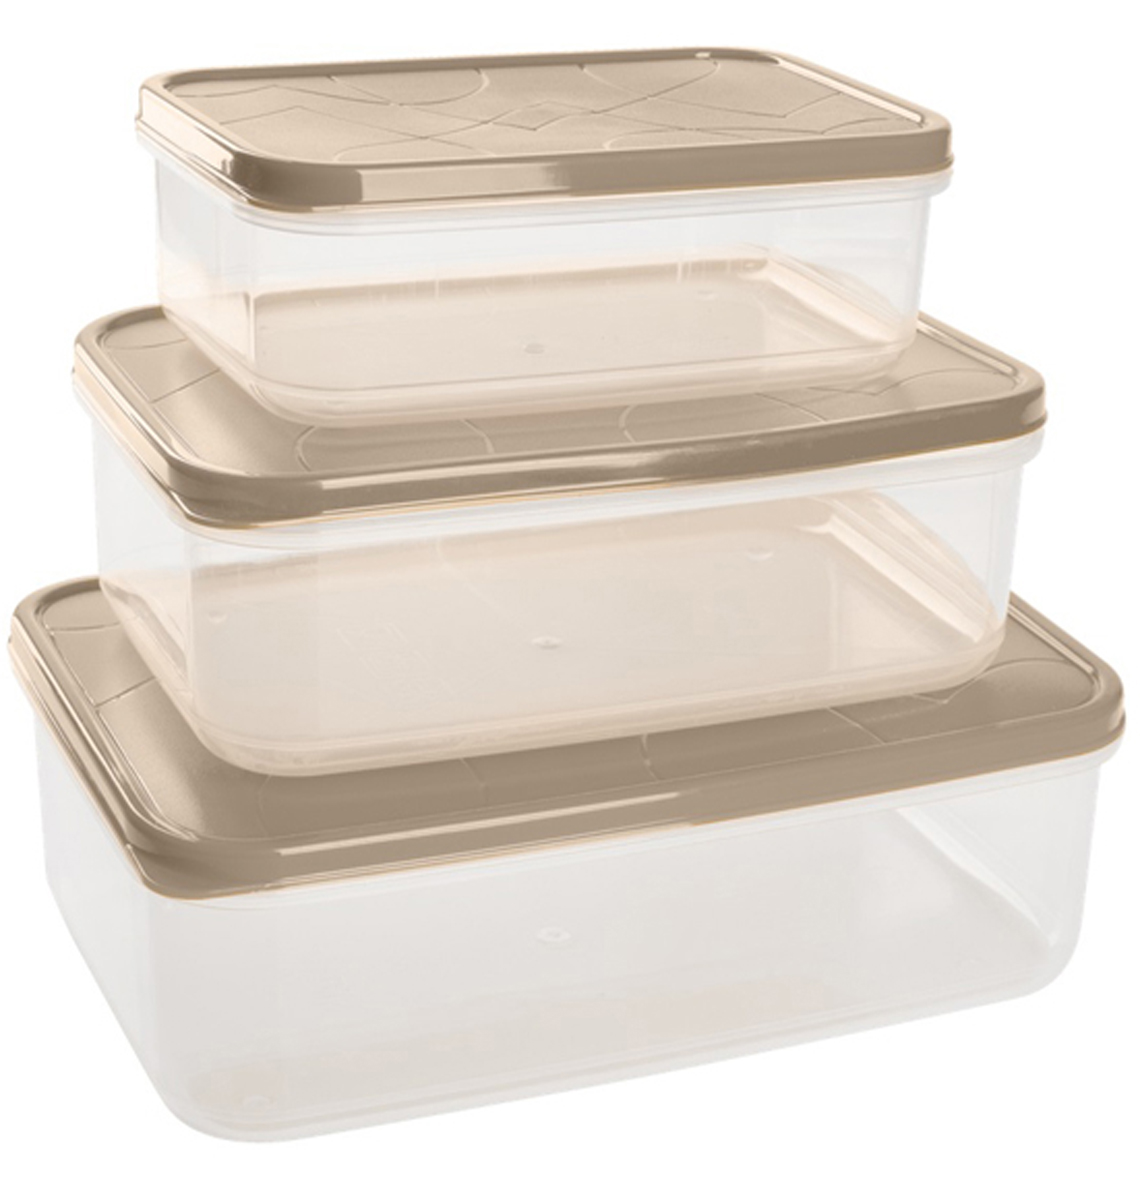 Набор контейнеров для продуктов Giaretti Vitamino, прямоугольные, цвет: микс зима, 3 штGR1856МИКС-ЗМПоложить в холодильник остатки еды, взять с собой обед в дорогу, заморозить овощи на зиму – все это можно сделать с контейнерами Vitamino. Контейнеры можно использовать для заморозки и хранения продуктов. Подходят для микроволновой печи. А благодаря плотной полиэтиленовой крышке, еда дольше сохраняет свою свежесть. Контейнеры вкладываются друг в друга по принципу матрешки, экономя пространство при хранении.